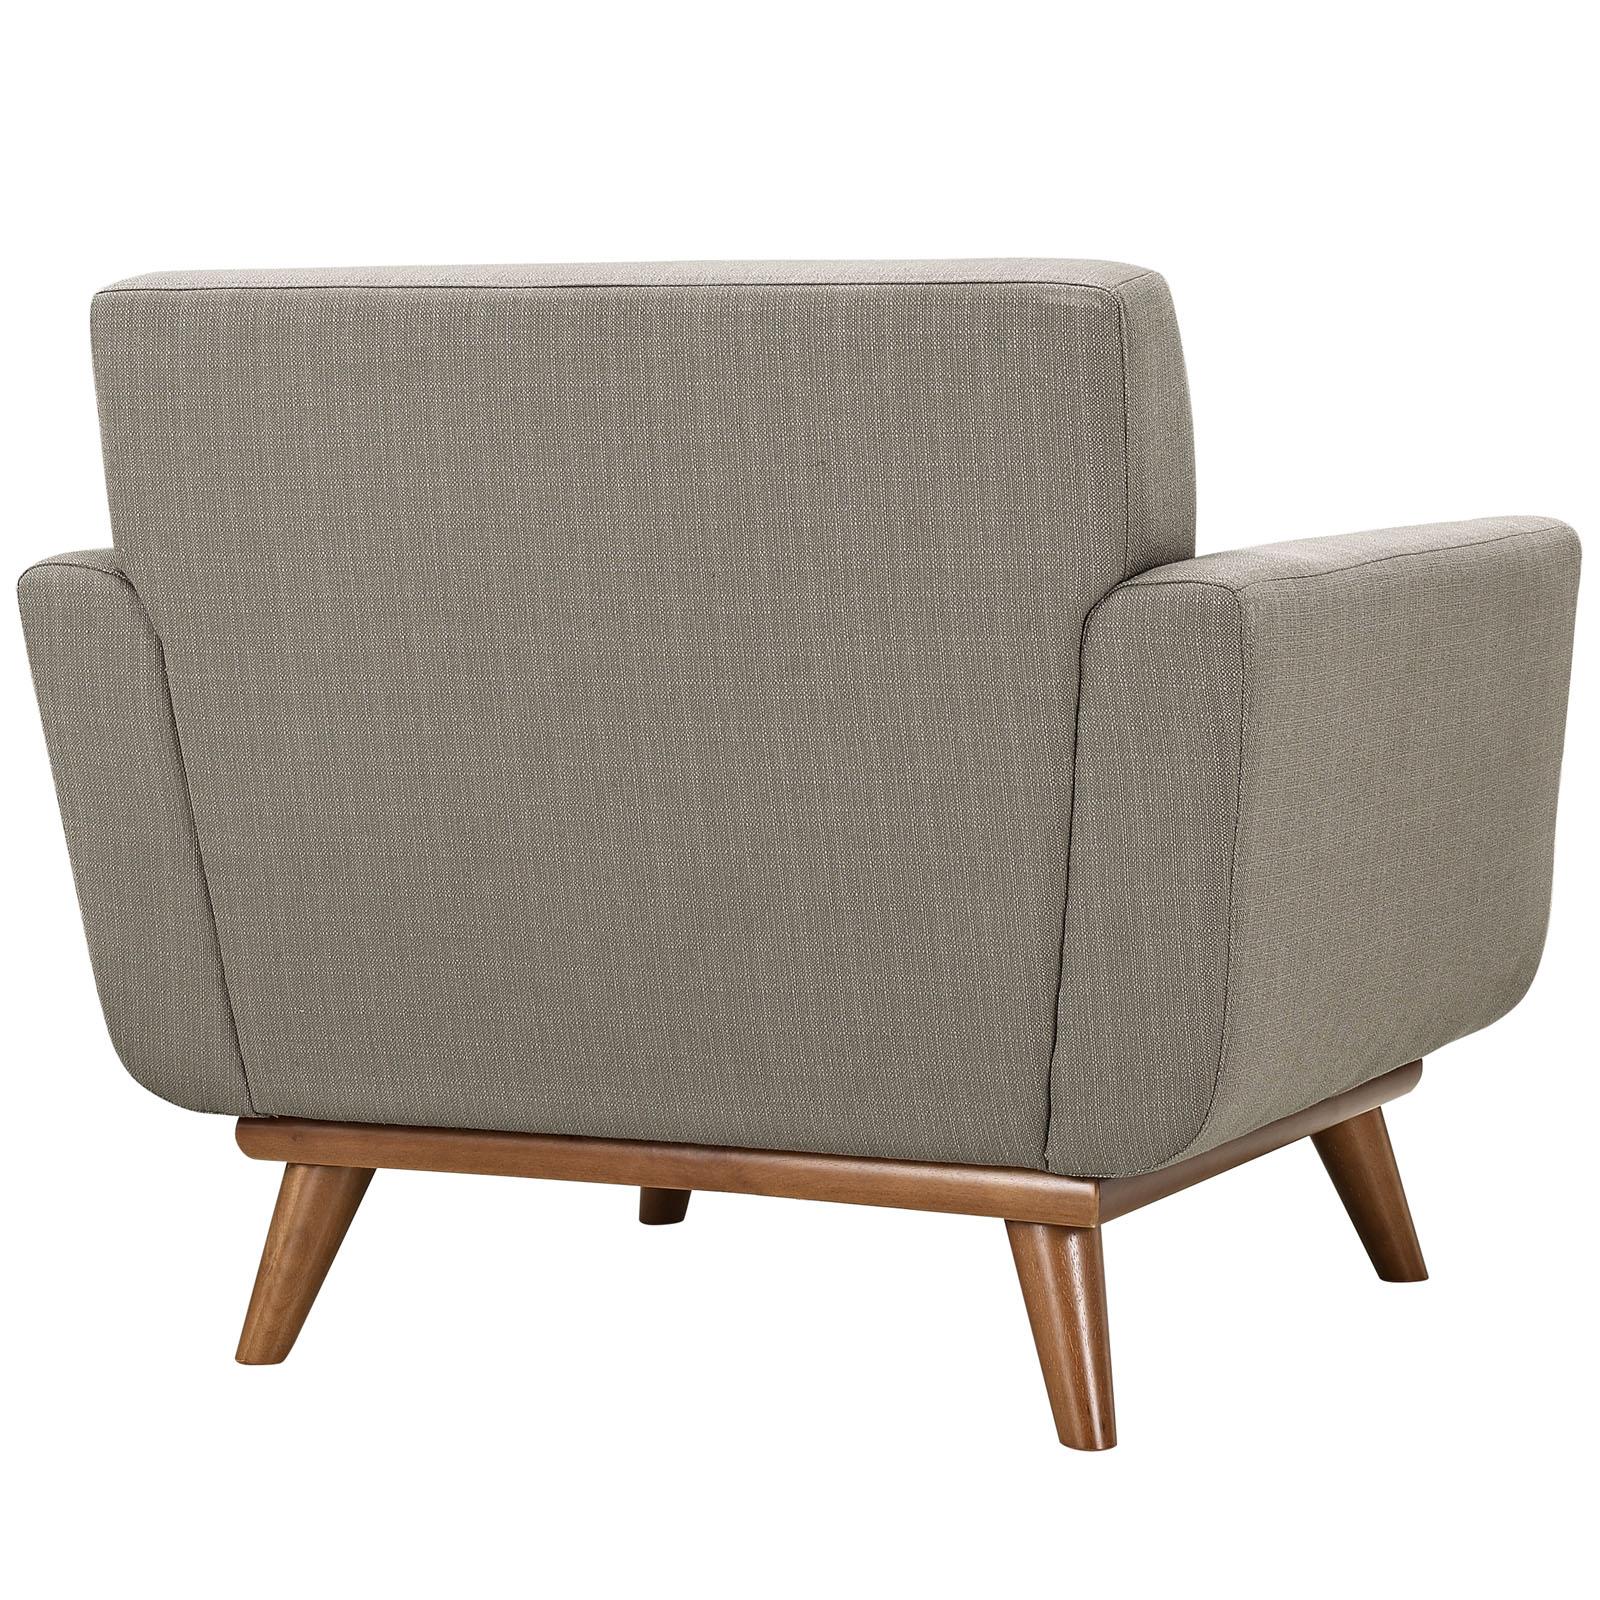 Denmark Lounge Chair Rentals